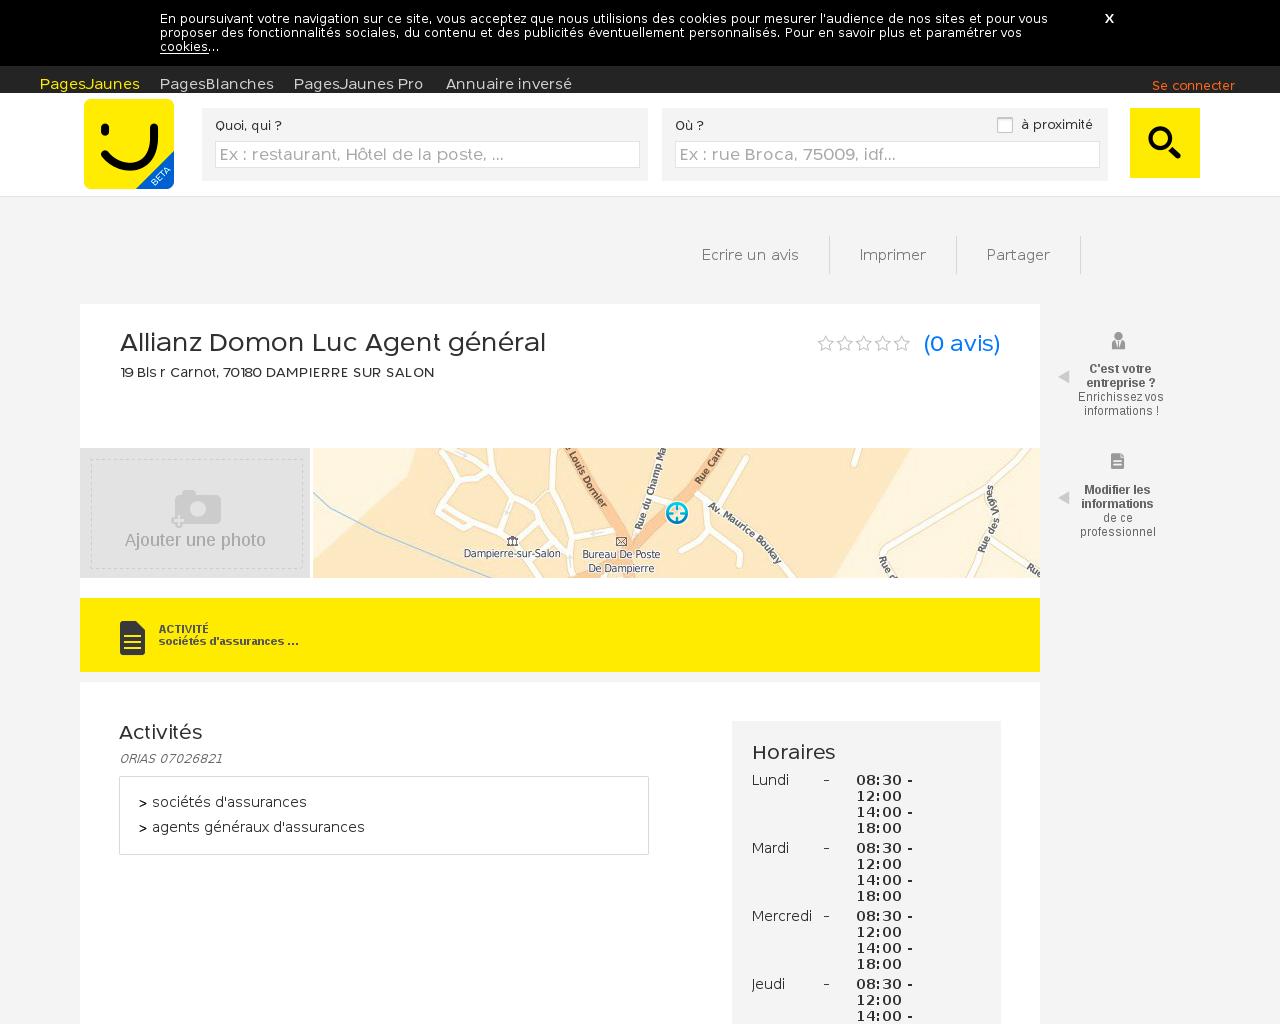 Assureurs dans la commune de dampierre for Domon achat en ligne